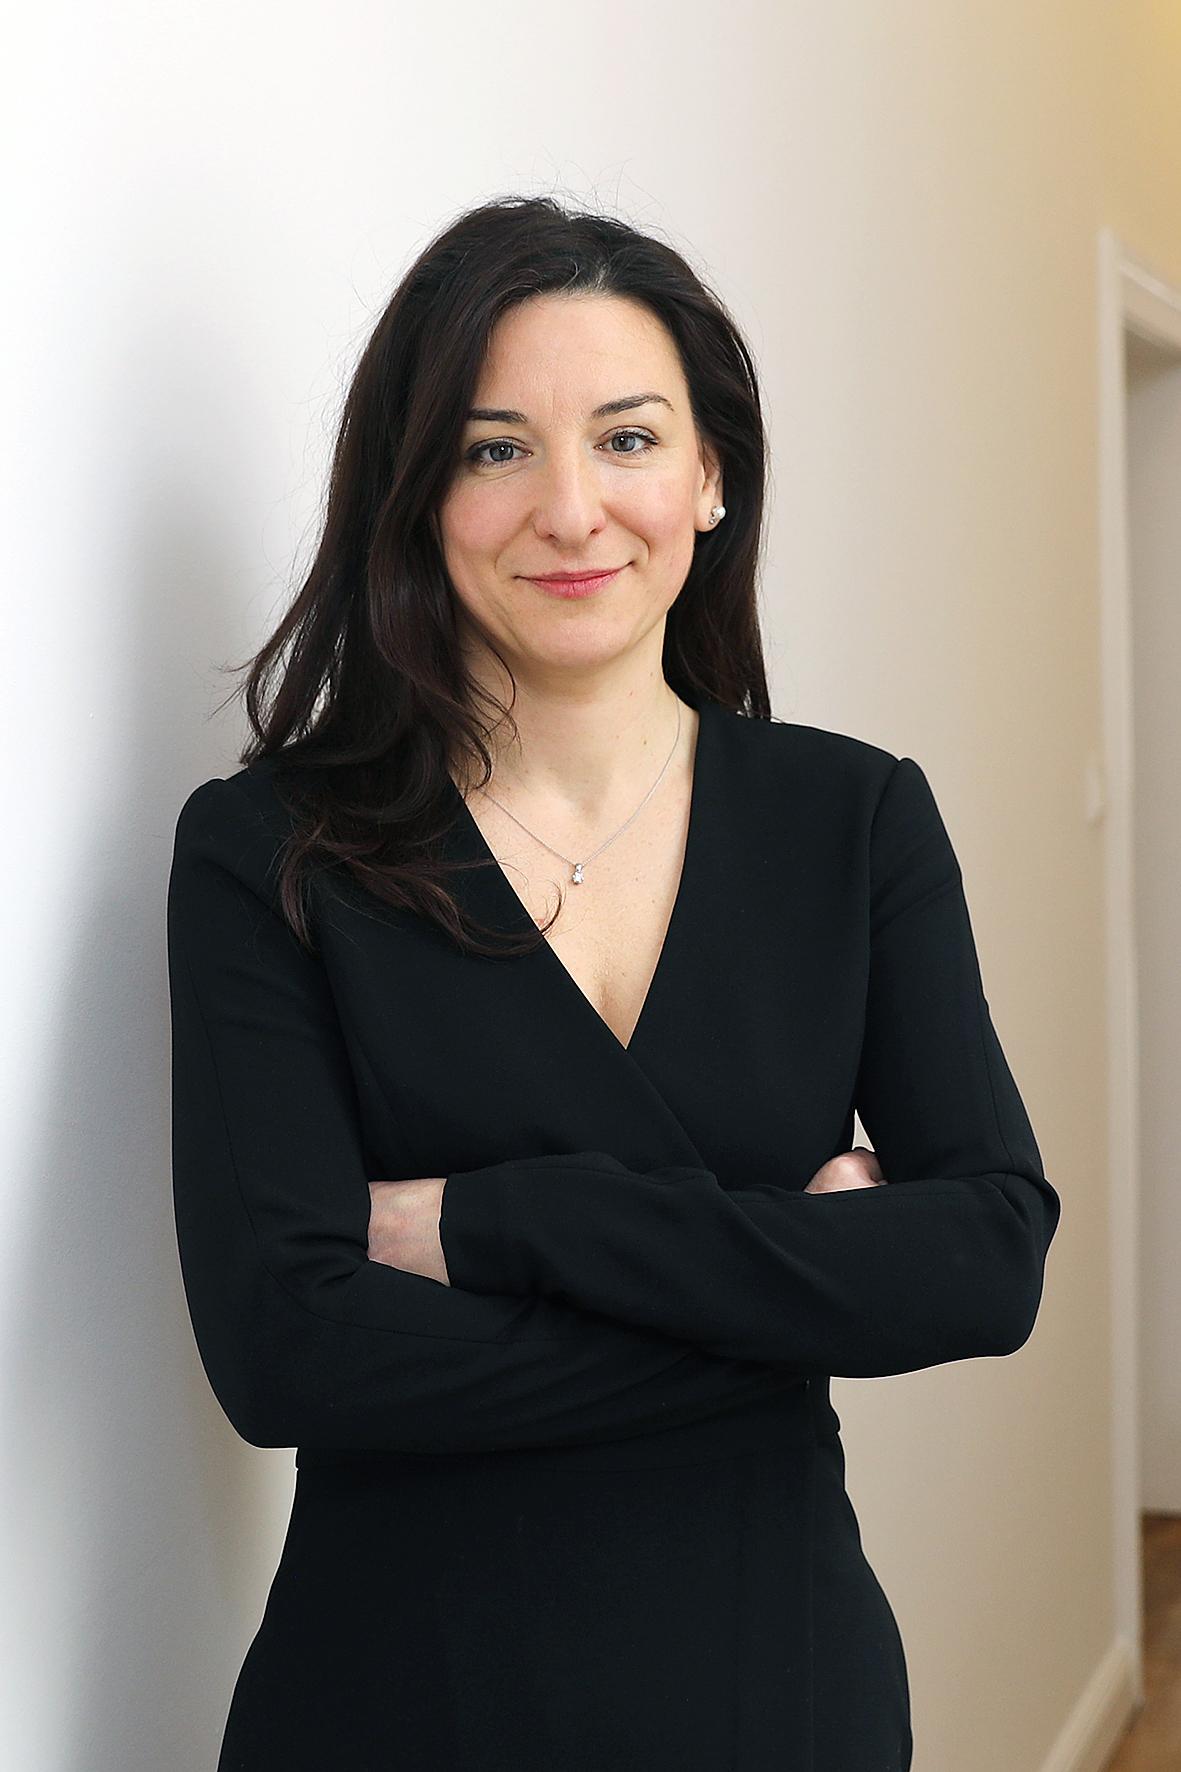 Christina Waldraff